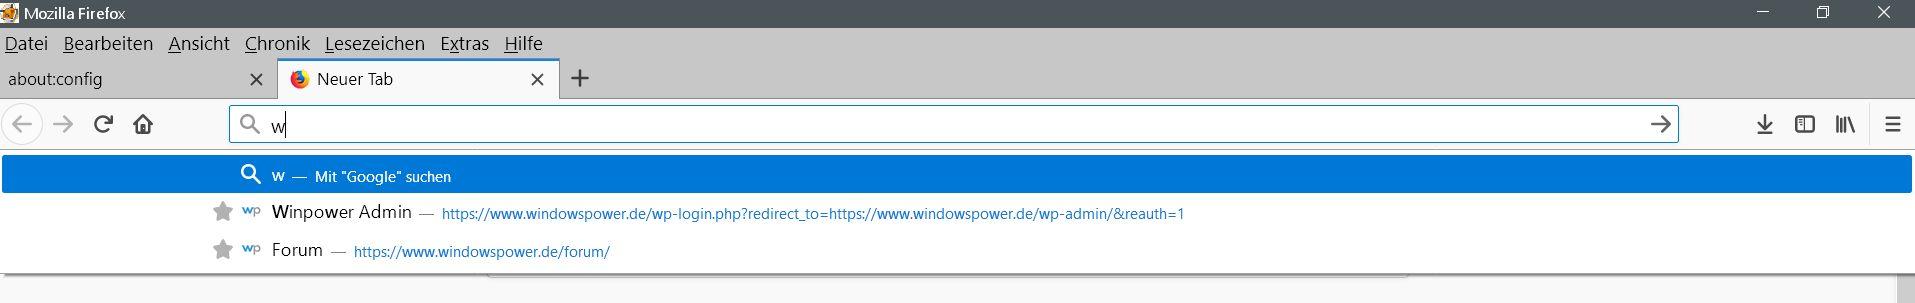 adressleiste ohne vorschlaege - Firefox Die Suchmaschinen Auswahl in der Adressleiste ausblenden